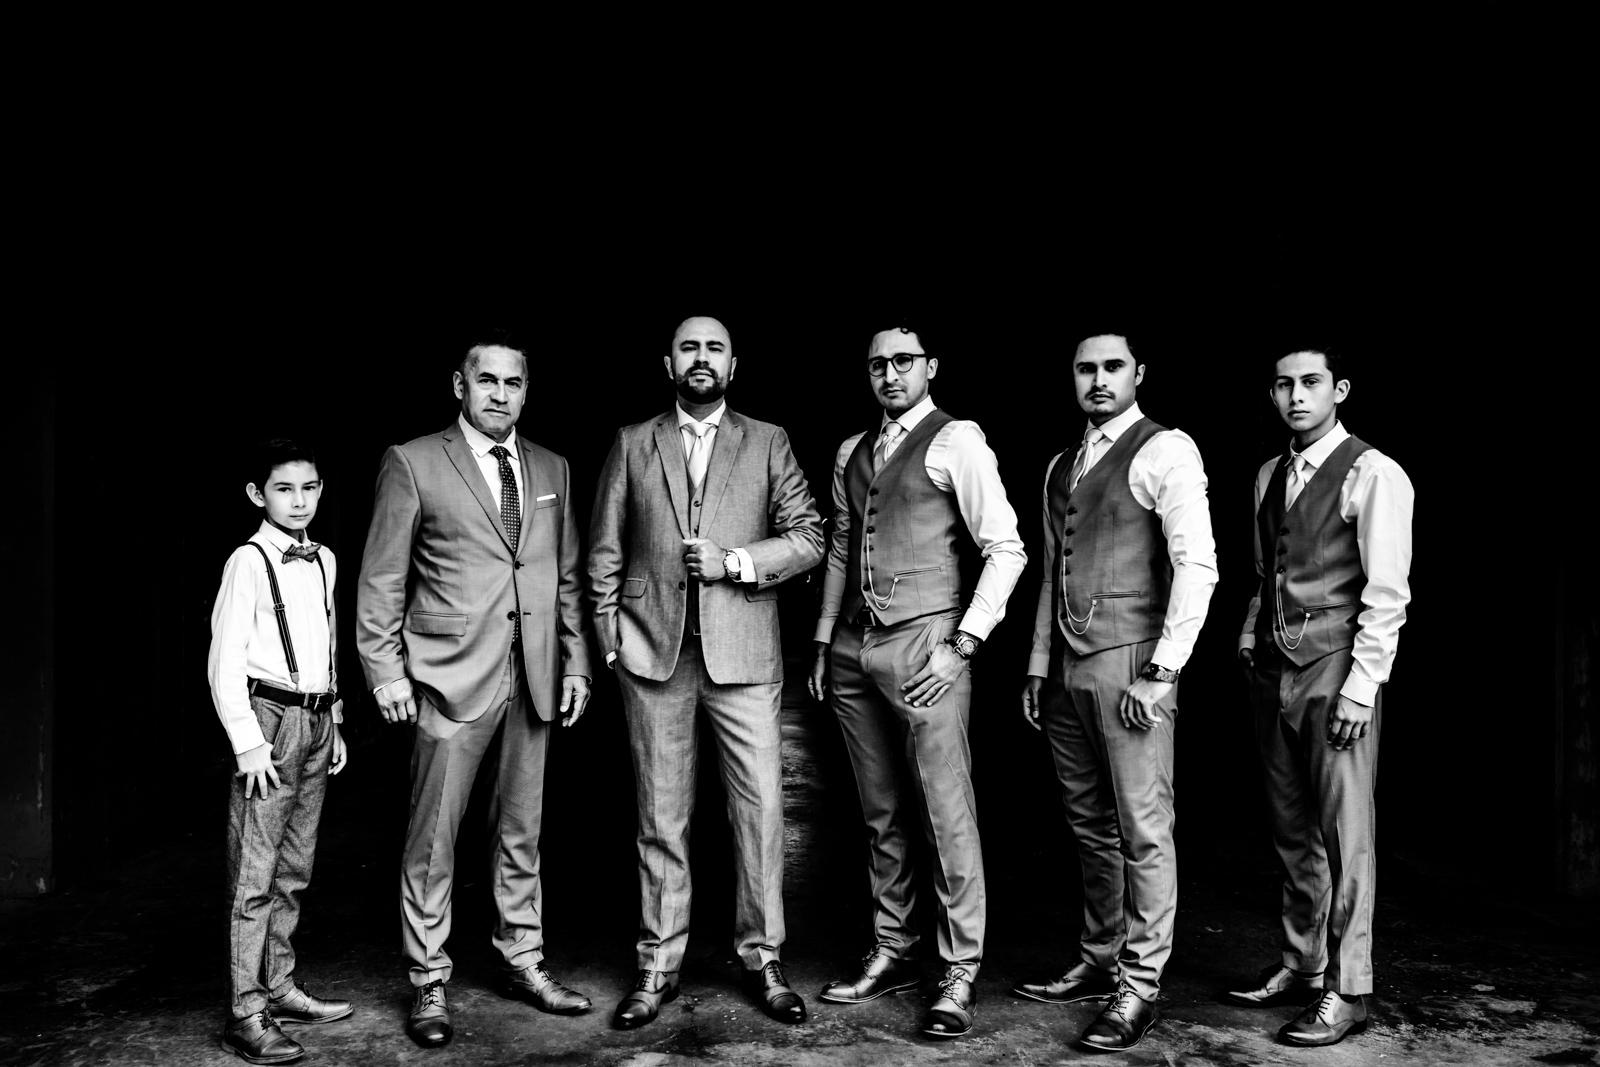 groom's best men and family